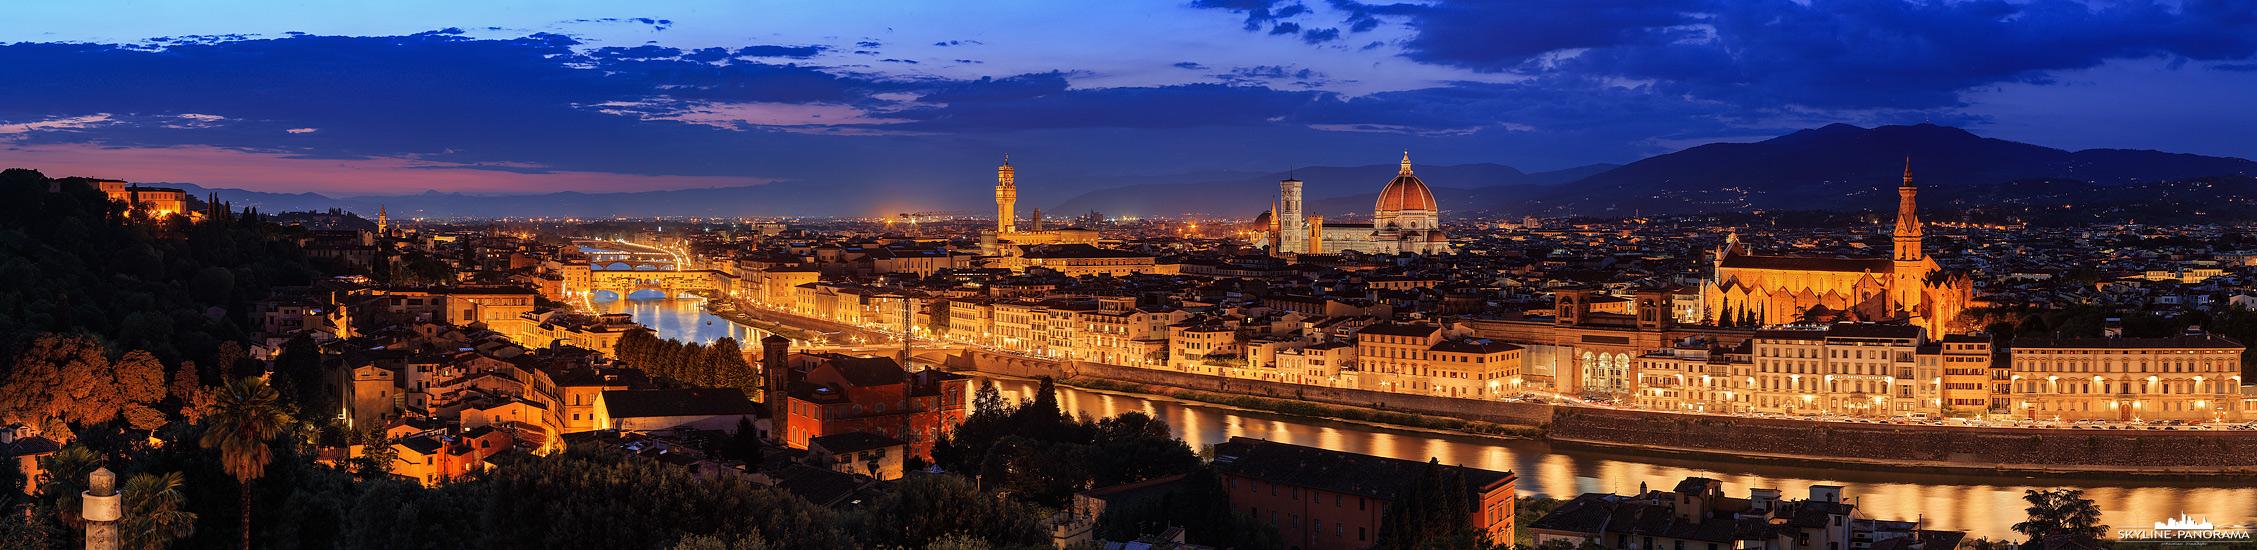 Panorama Italien – Die Stadtansicht auf das Panorama von Florenz, es entstand vom Piazzale Michelangelo und zeigt die Altstadt mit den Bauwerken der Stadt.